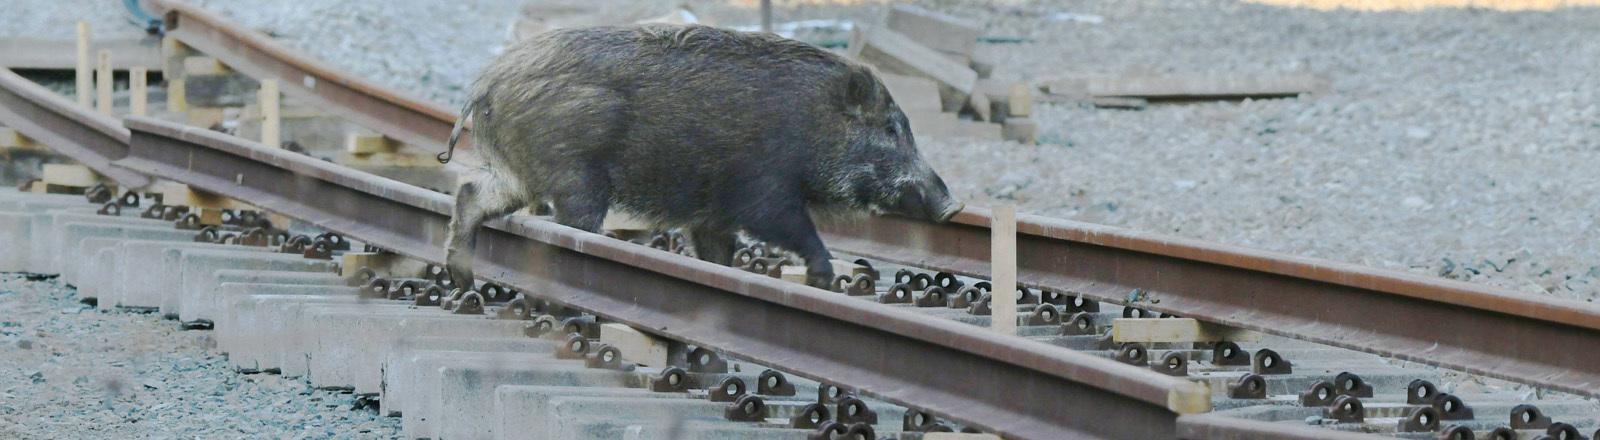 Ein Wildschwein läuft über Gleise in Fukushima